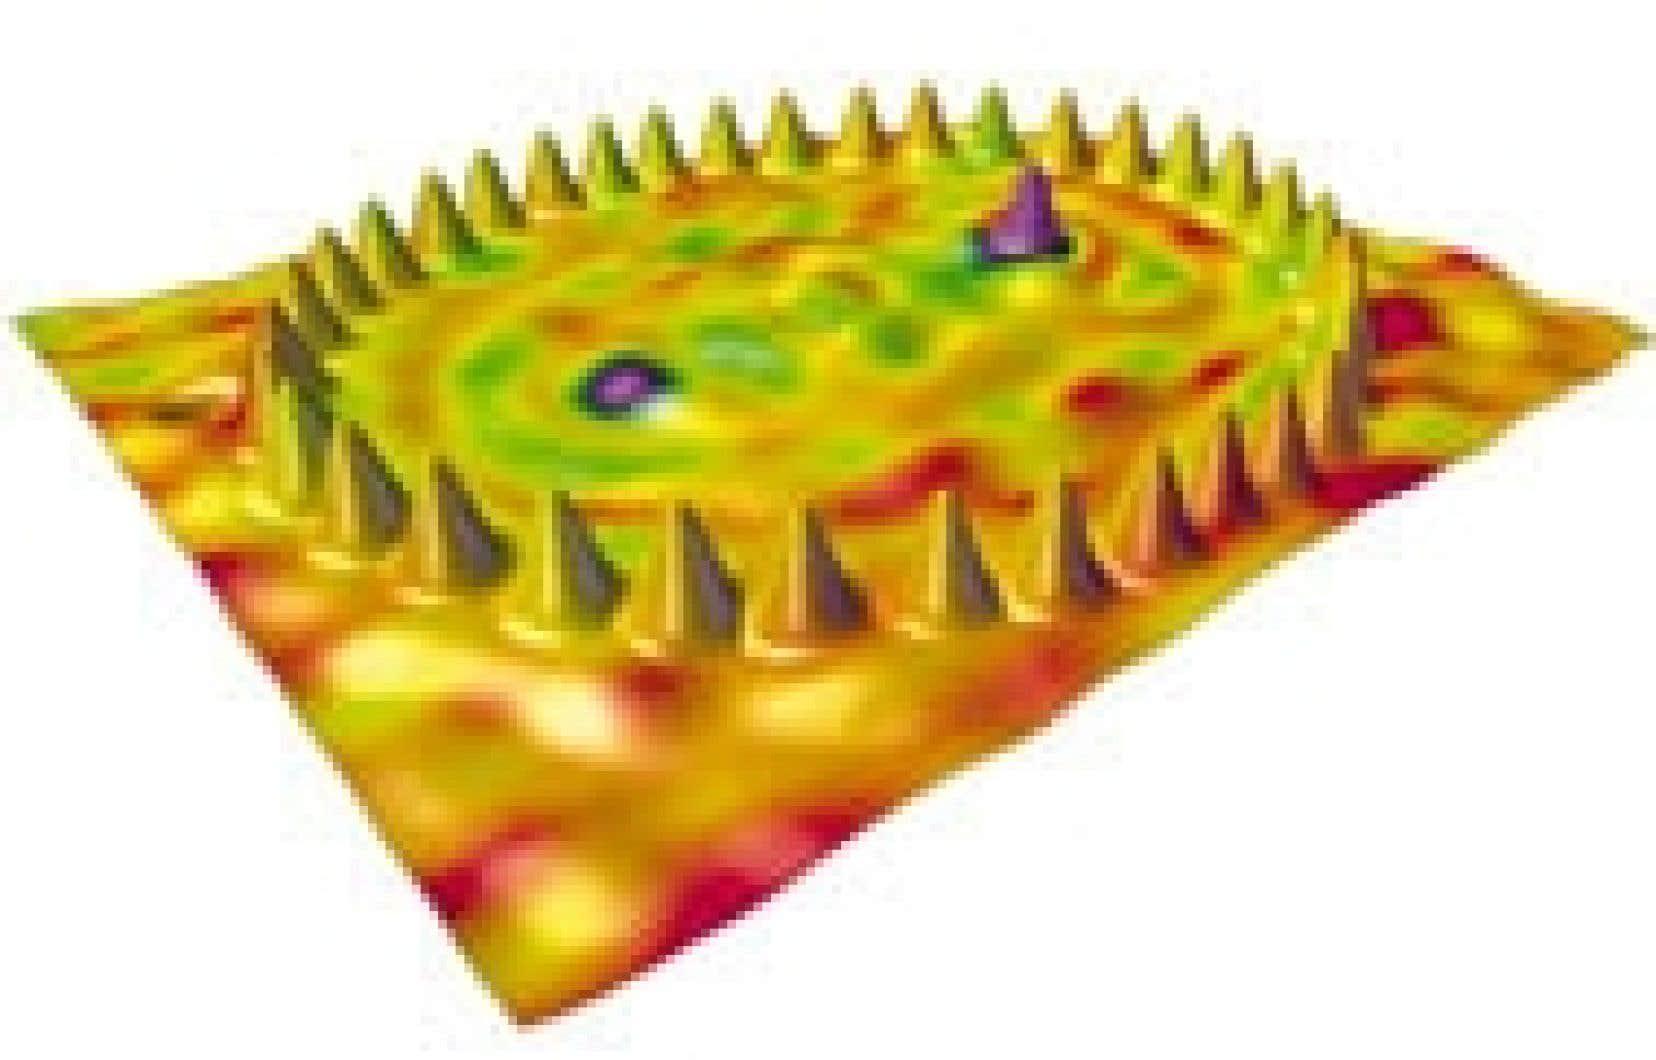 Cette image électronique représenteune couronne d'atomes de cobalt déposée sur une plaque de cuivre. L'assemblage a été réalisé par des spécialistes des nanotechnologies, cette nouvelle science qui permet de manipuler de simples atomes et